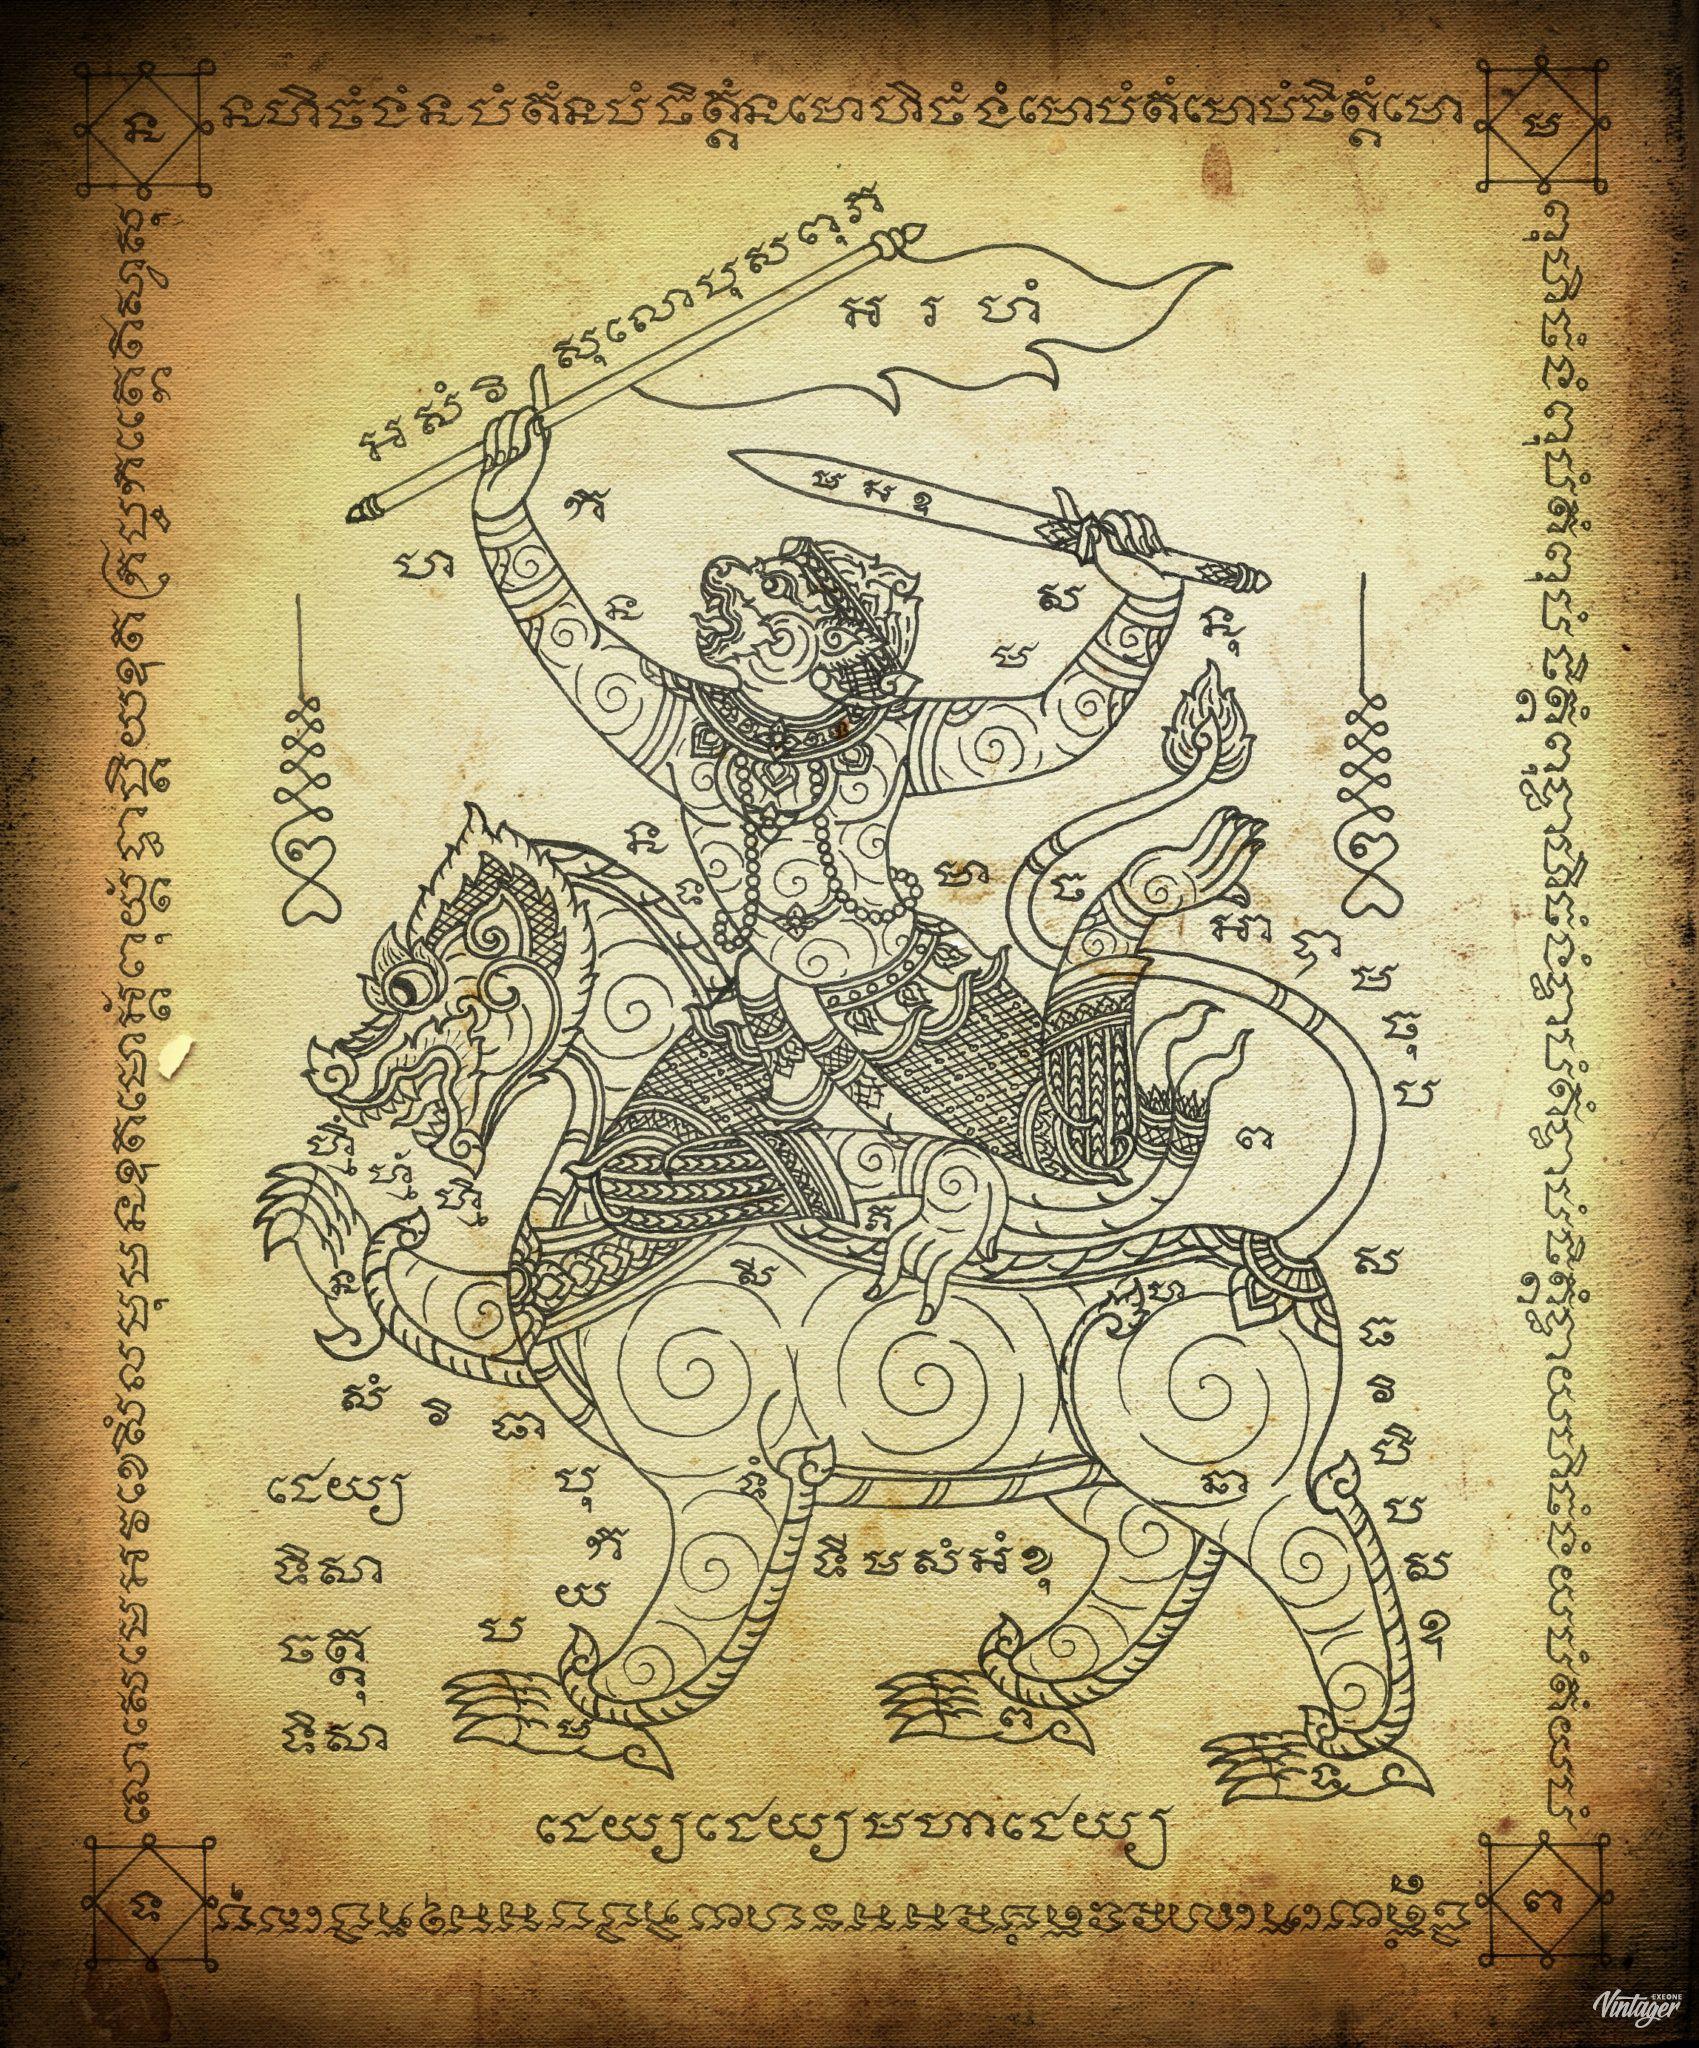 ย นต มหาปราบ จากน ตยสารลานโพธ Yantra Hanuman From Lanpo Magazine รอยส กแบบด งเด ม ส ญล กษณ ศ ลปะไทย